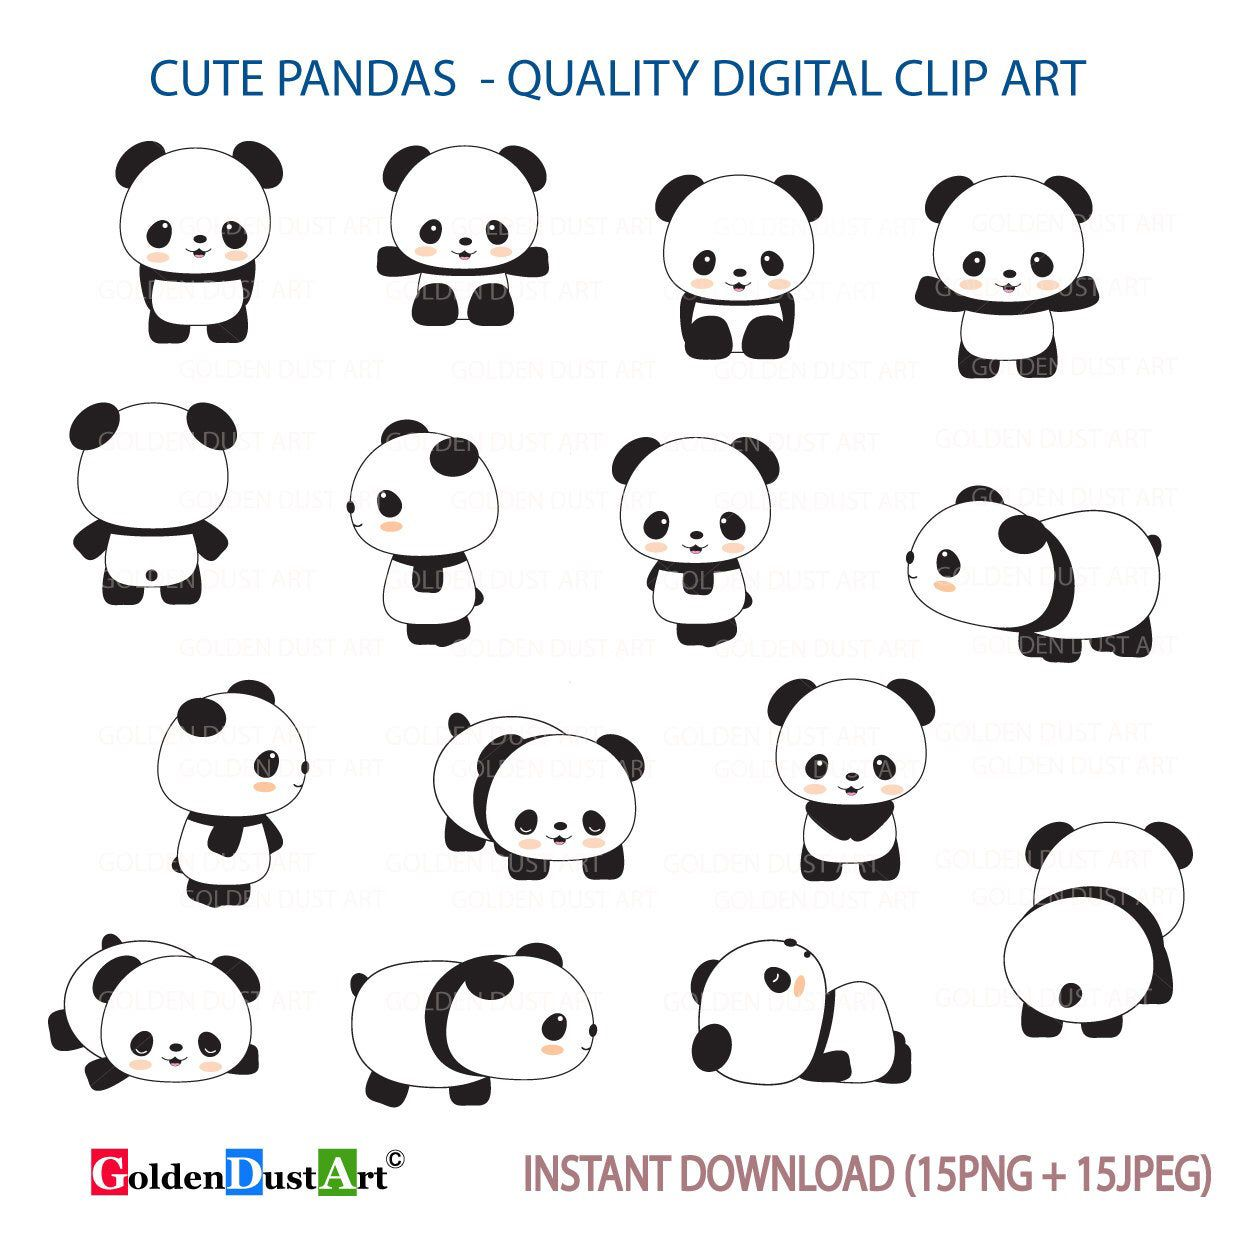 Cute Pandas Clip Art Panda Clip Art Panda Clipart Cute Etsy Cute Panda Drawing Panda Drawing Cute Panda